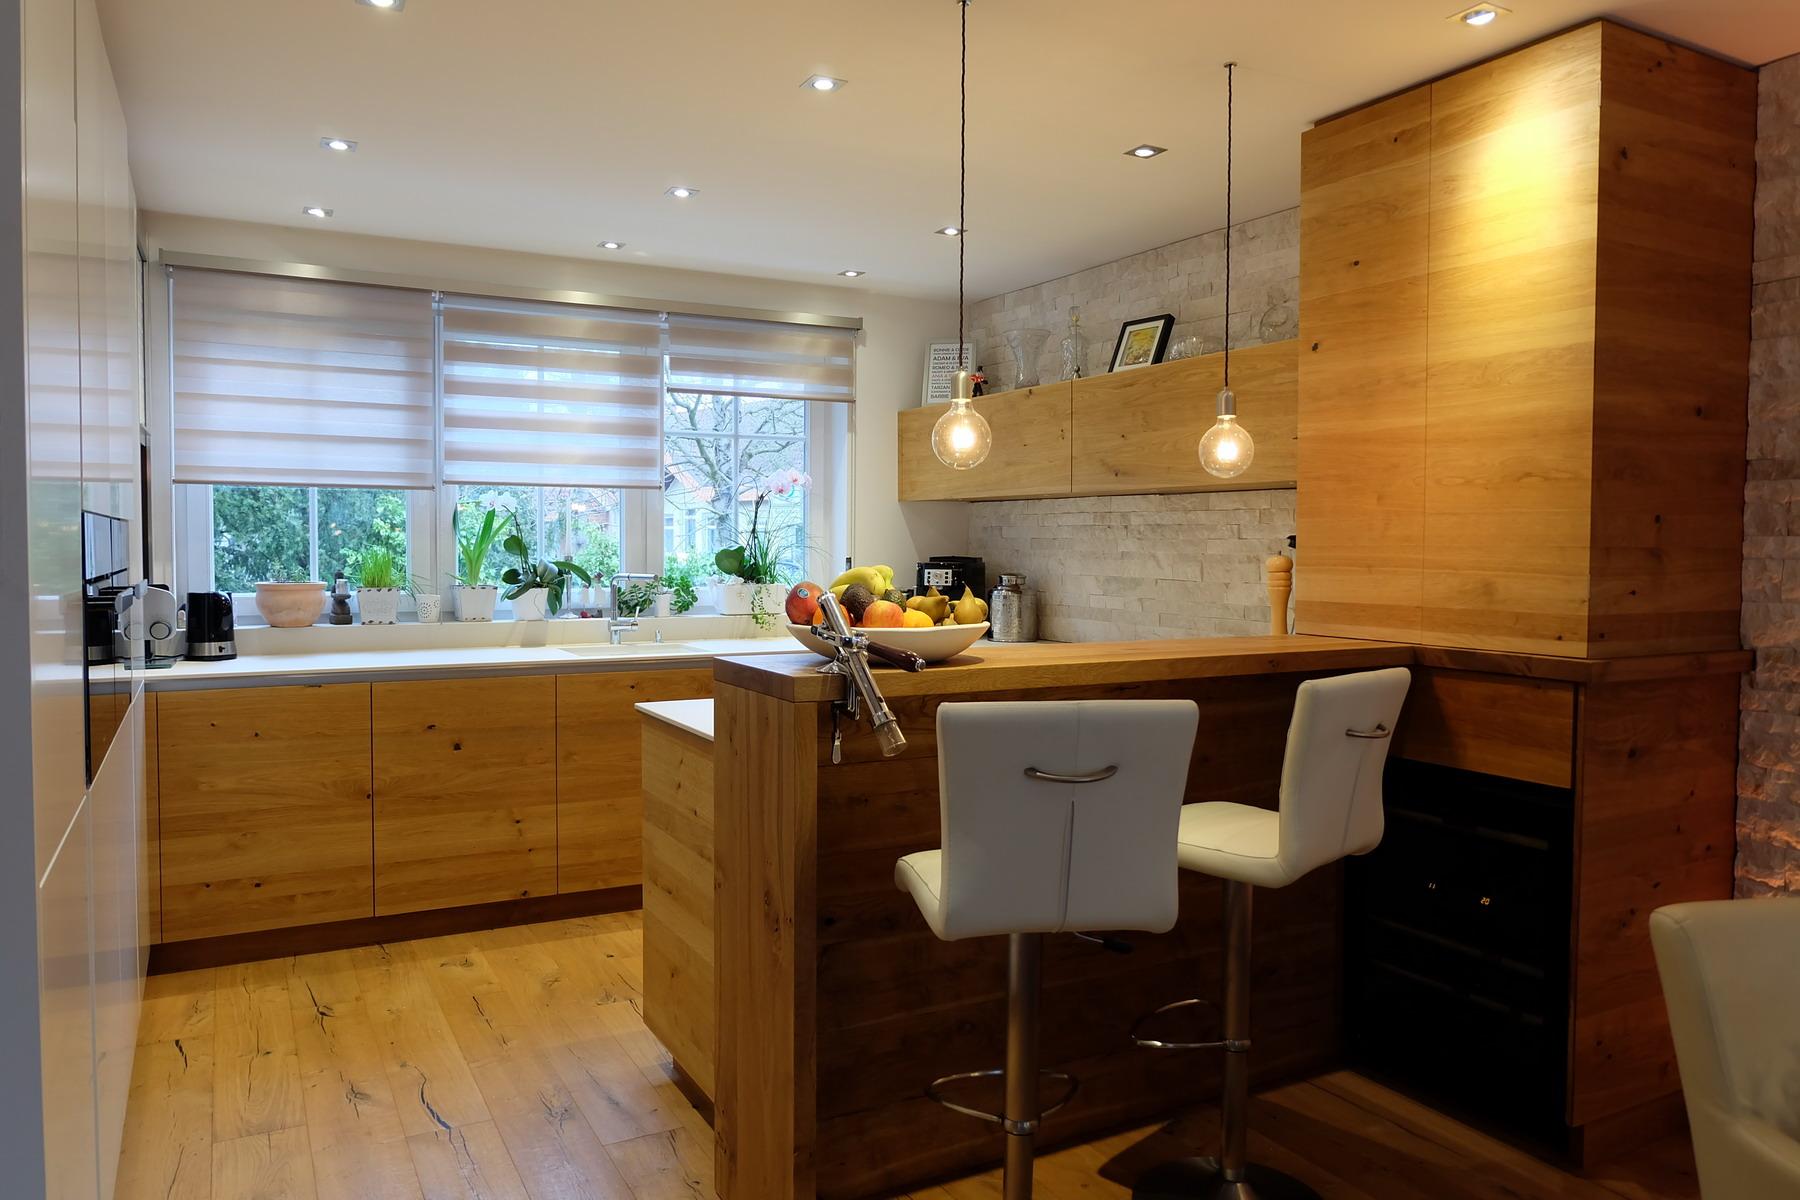 Küche in Eiche | Resch Innenausbau